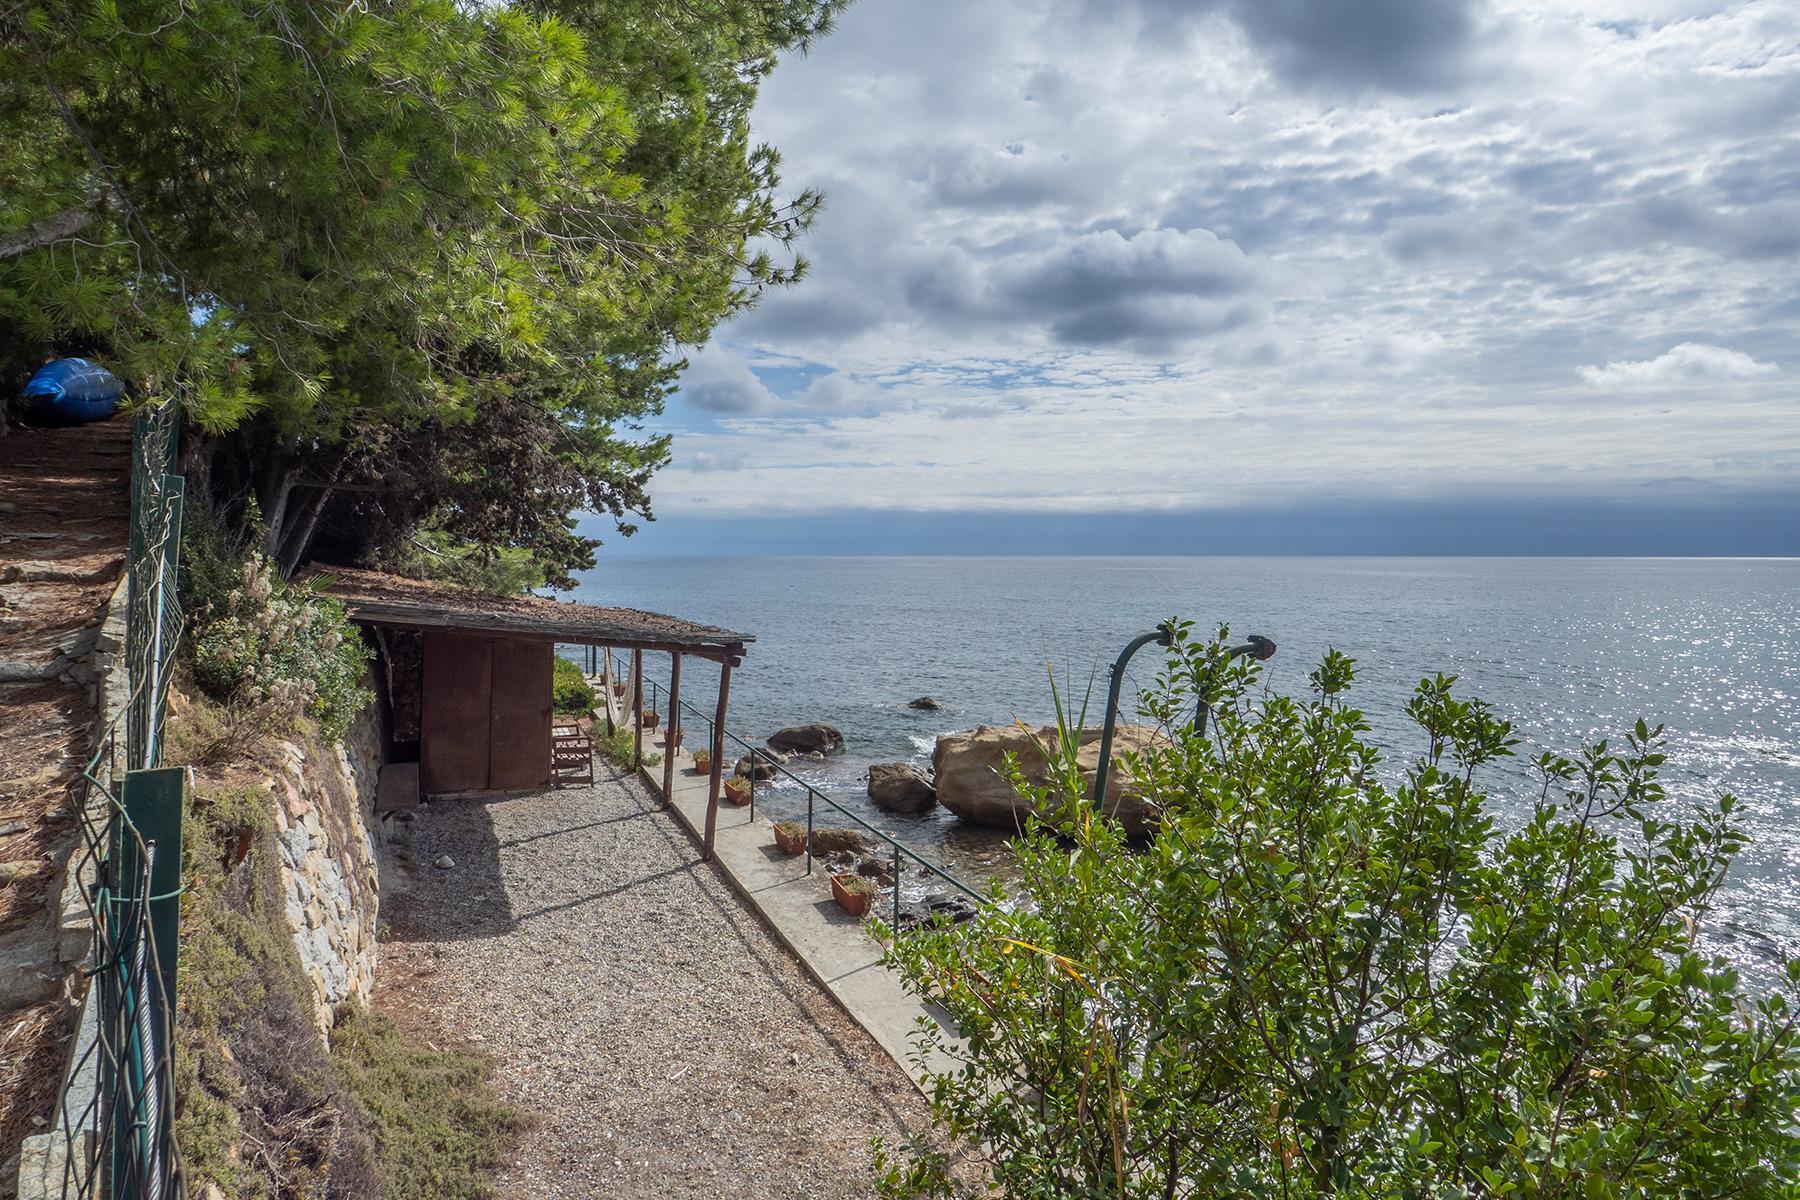 Historische unabhängige Villa mit privatem Zugang zum Meer - 30